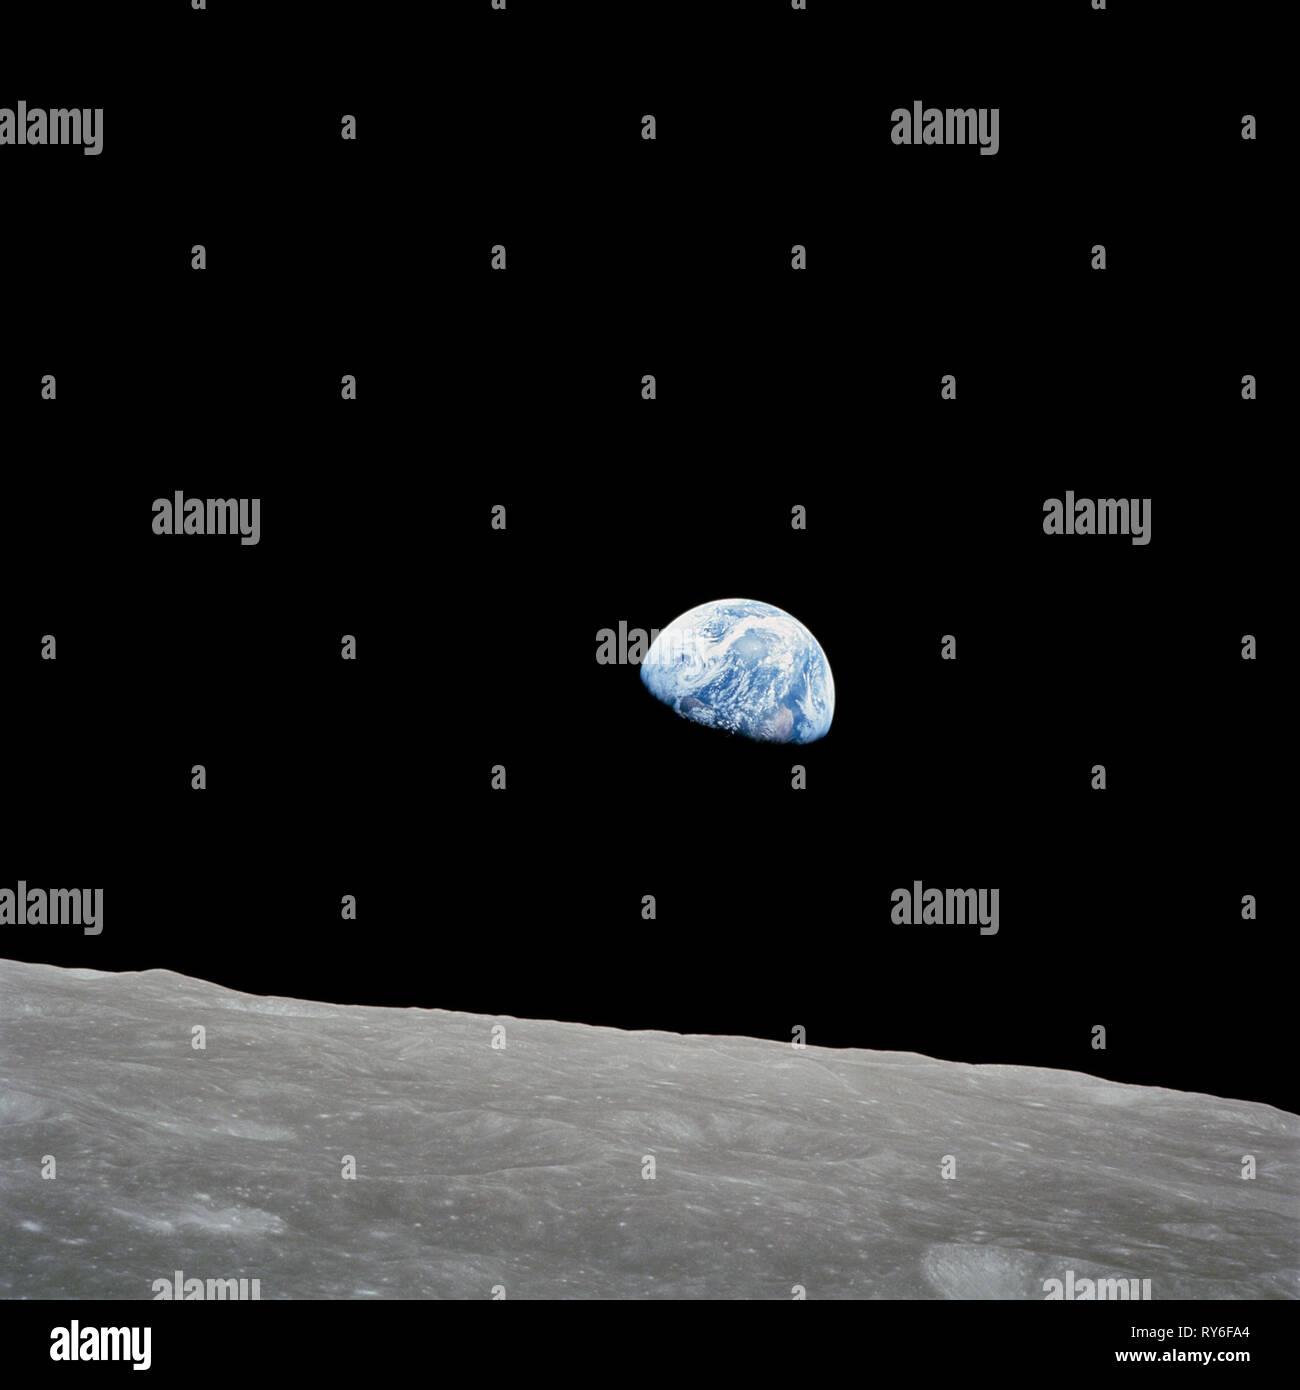 La iconic foto de la Tierra vista desde el espacio por primera vez a través de Apolo 8, dic 24th, 1968 Imagen De Stock